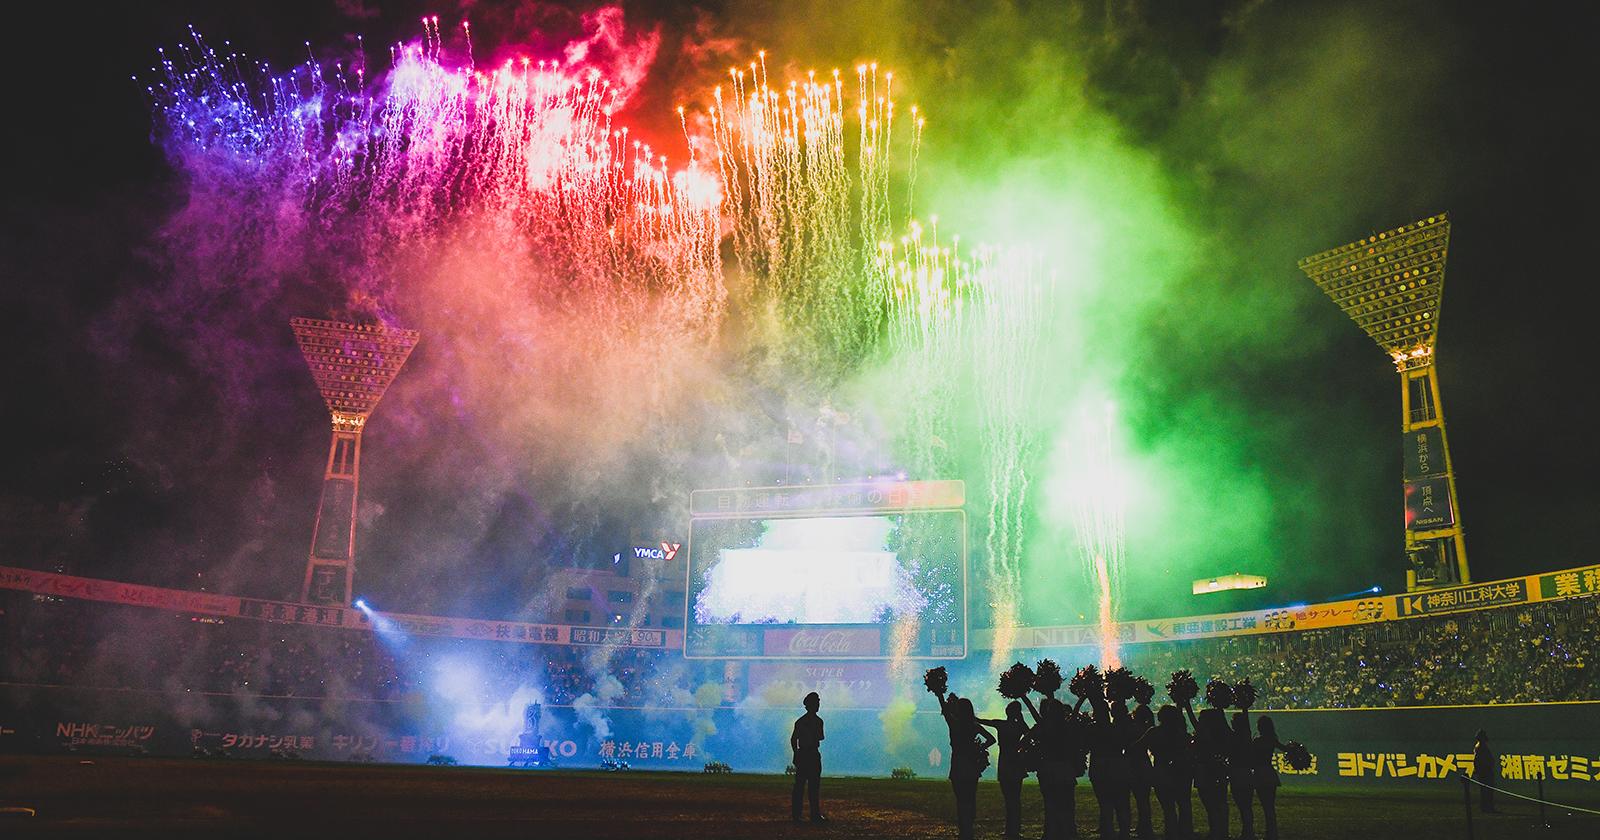 【勝利イベント】Victory Celebration